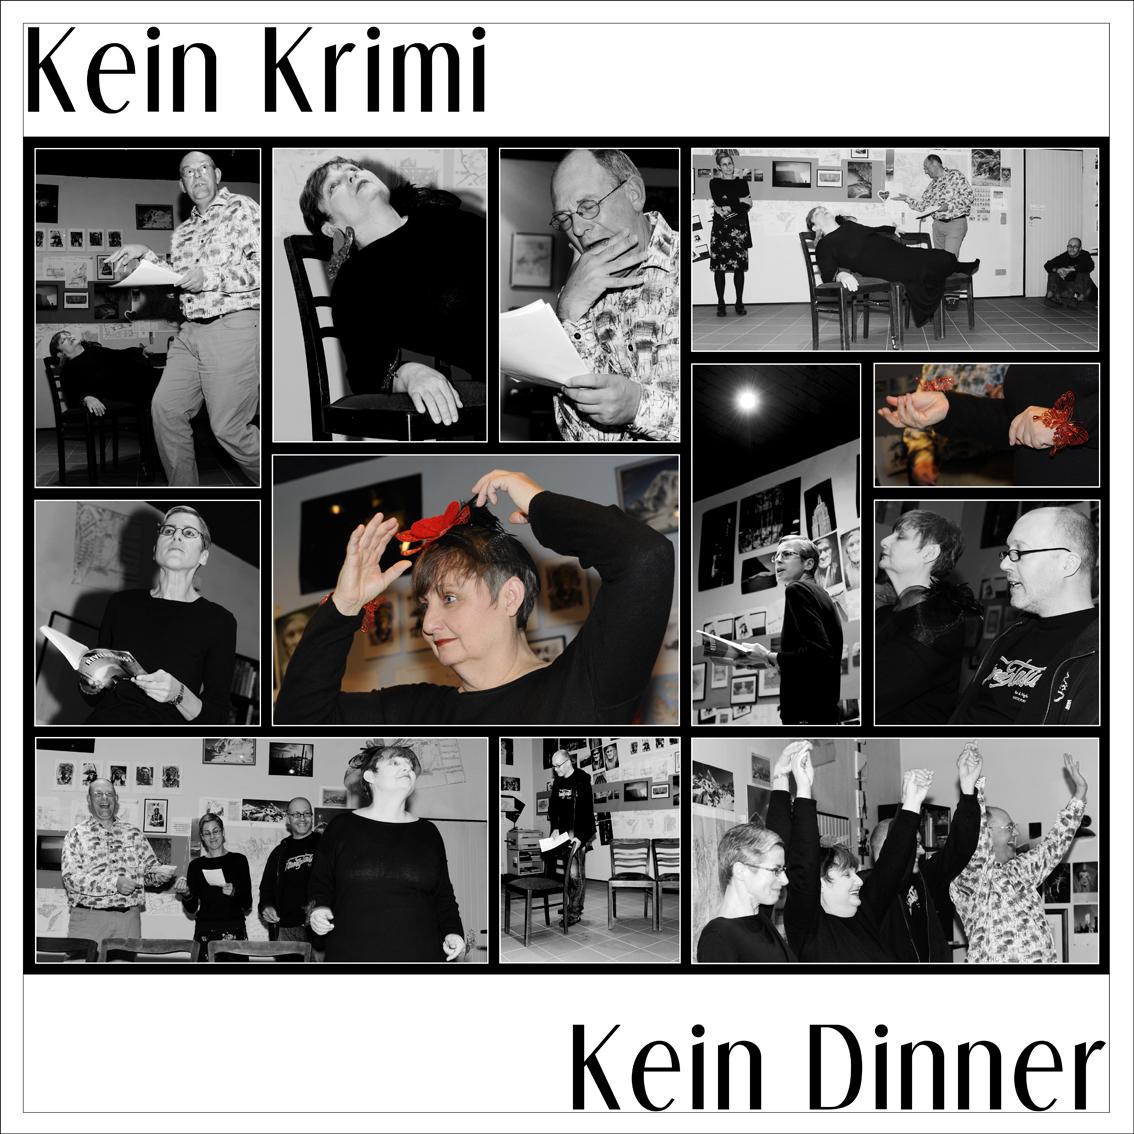 KEIN KRIMI, KEIN DINNER (LITERATURIMPROVISATION)